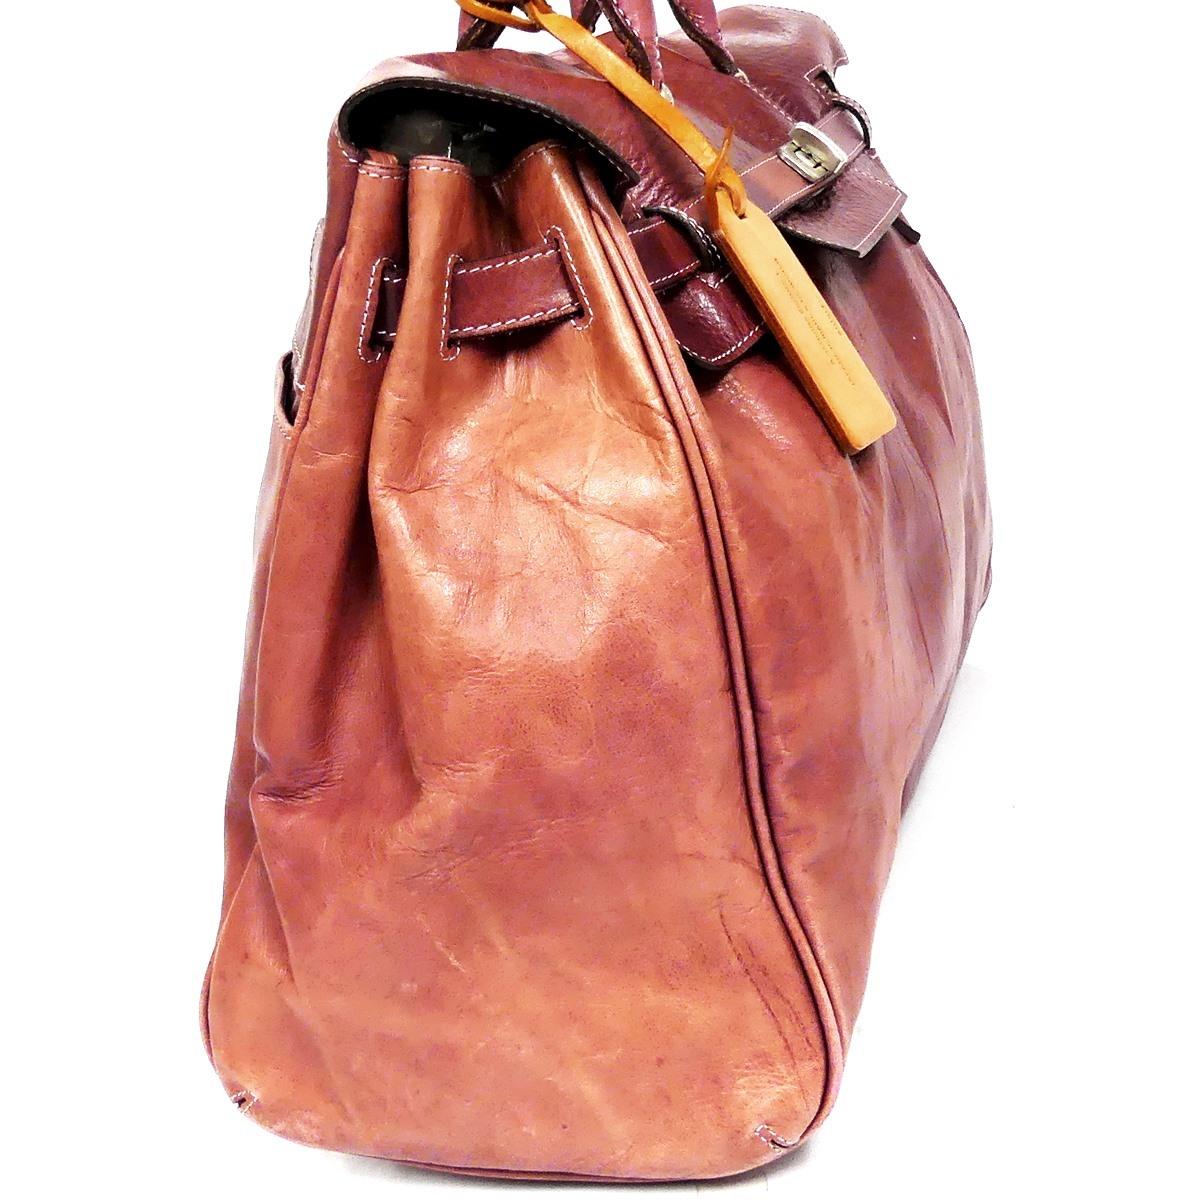 即決★aniary★レザーハンドバッグ アニアリ メンズ 赤 紫 本革 トートバッグ 本皮 かばん 鞄 レディース 手提げバッグ_画像4